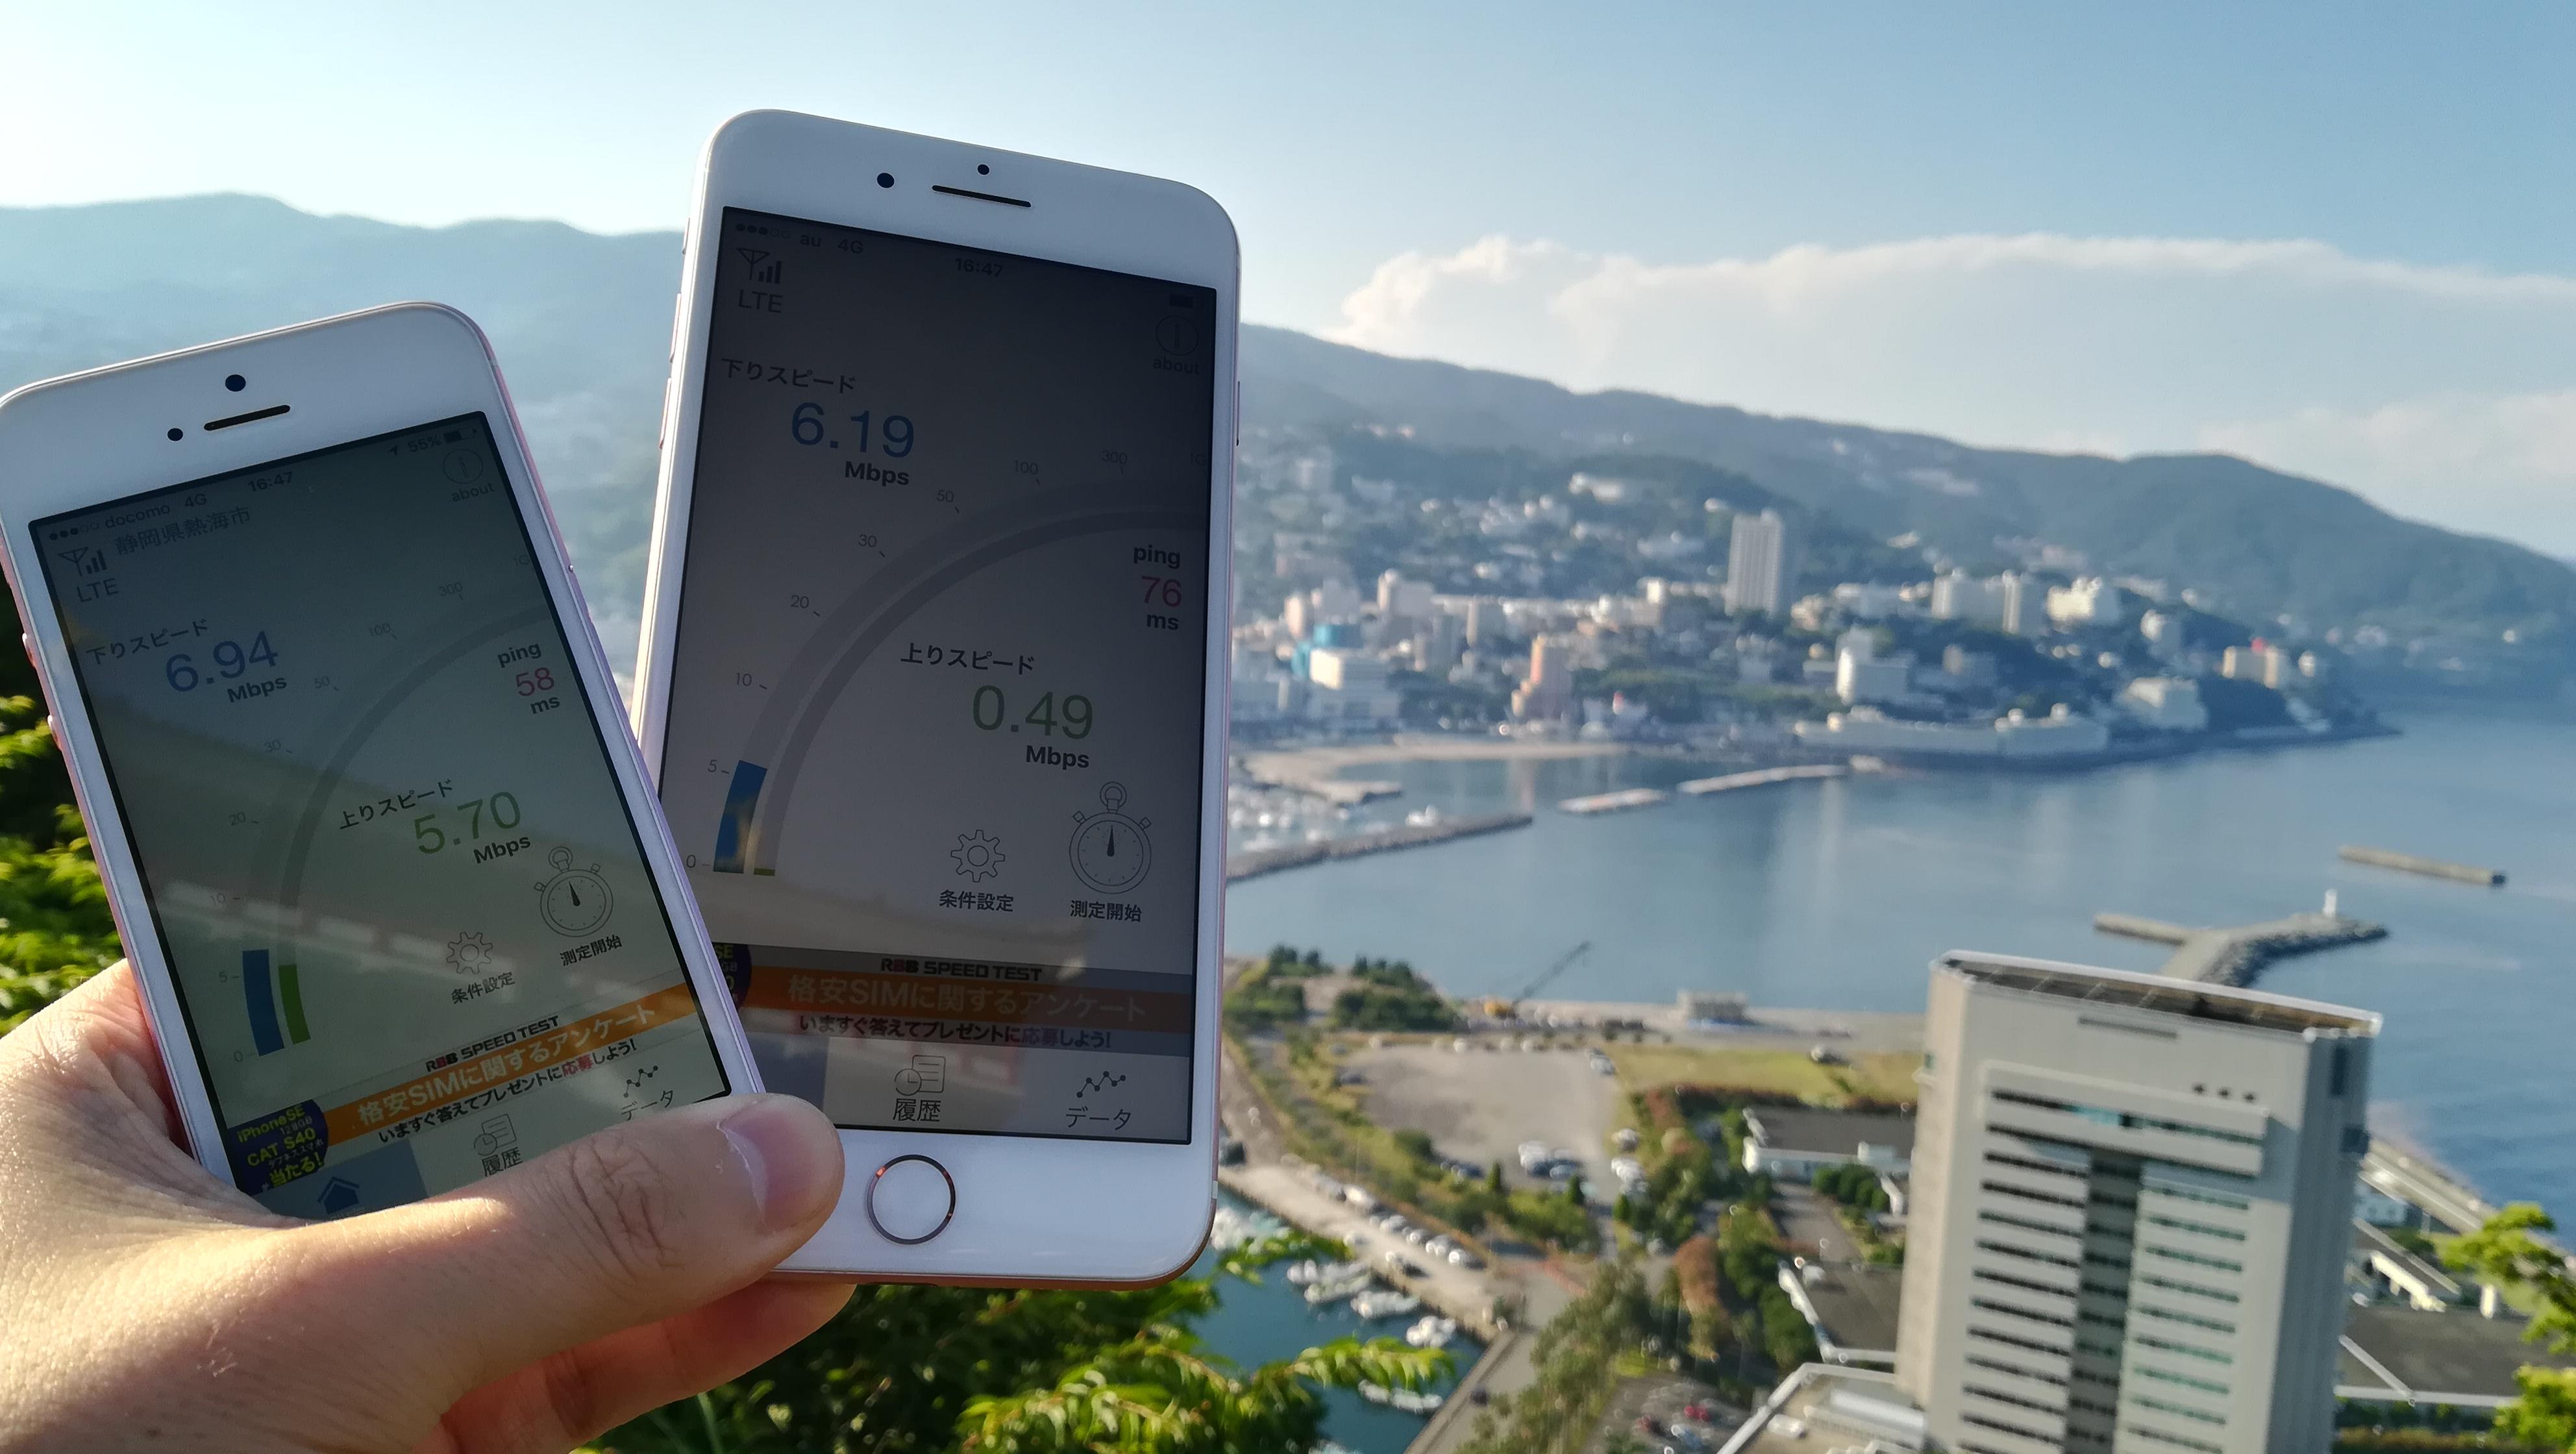 「熱海城」にて熱海市街を望みながら通信速度を計測